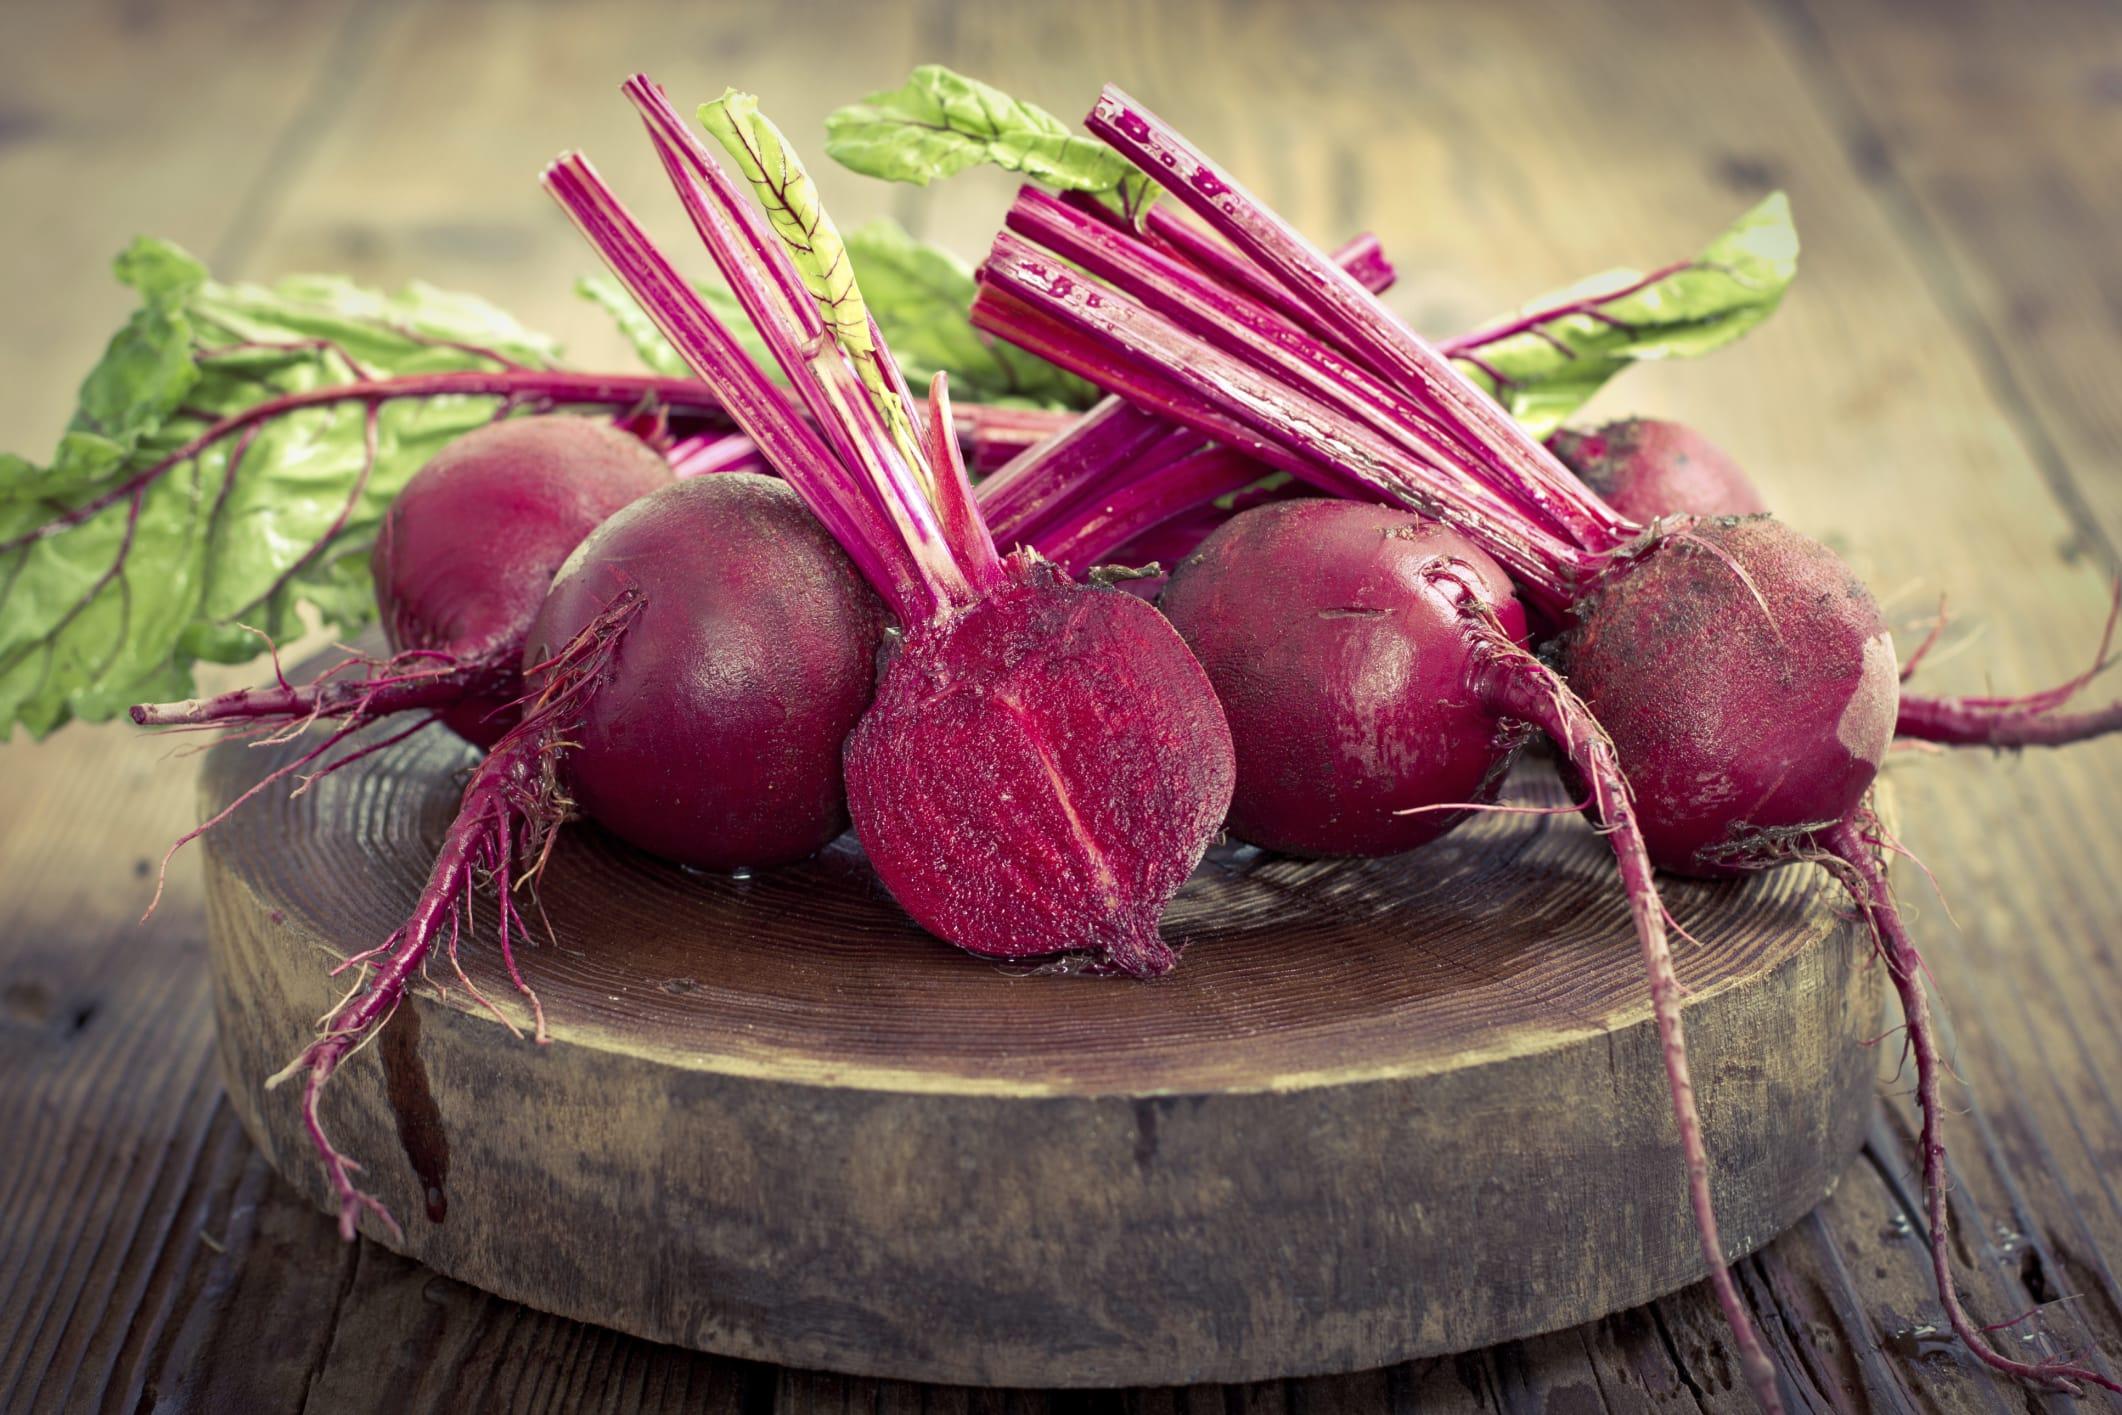 Rimedi naturali anemia: come combatterla con l'alimentazione